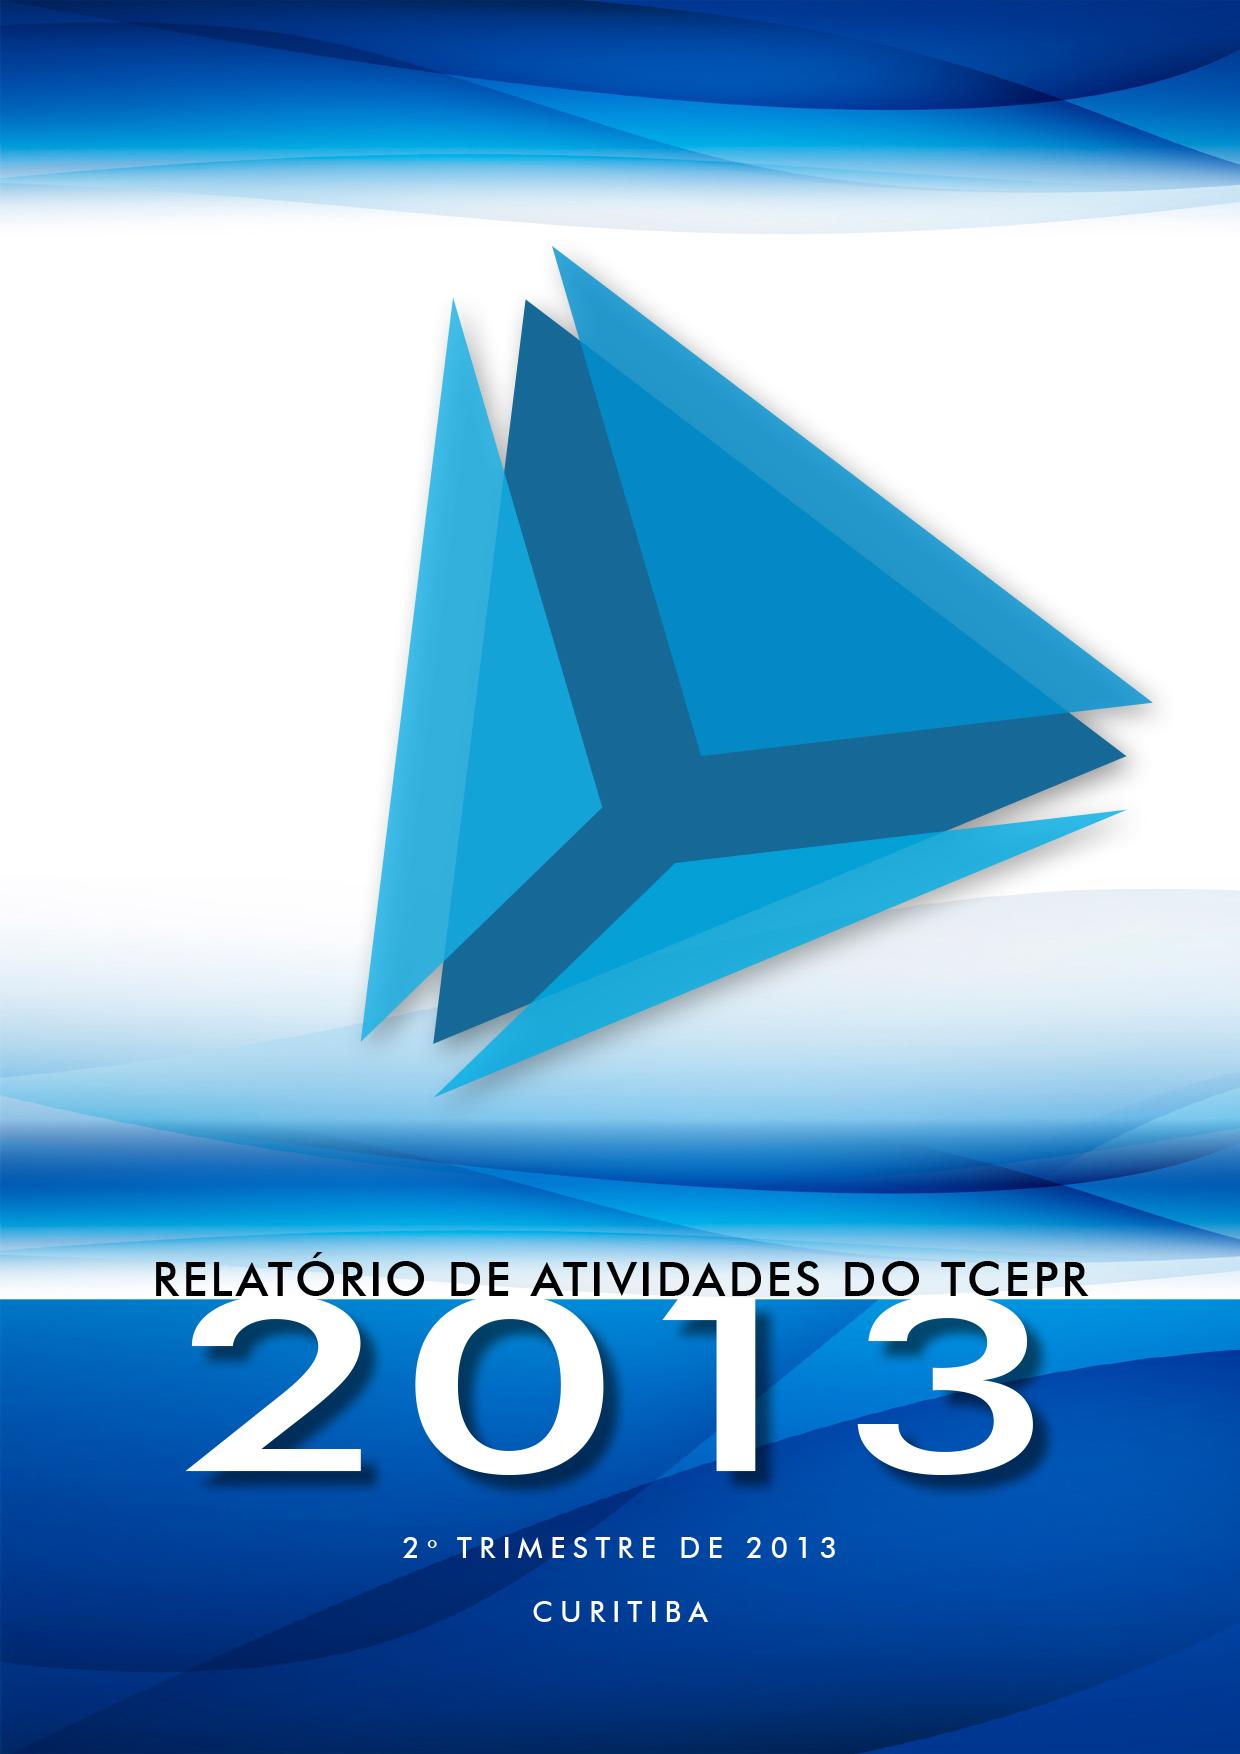 Relatório de Atividades - 2º Trimestre de 2013